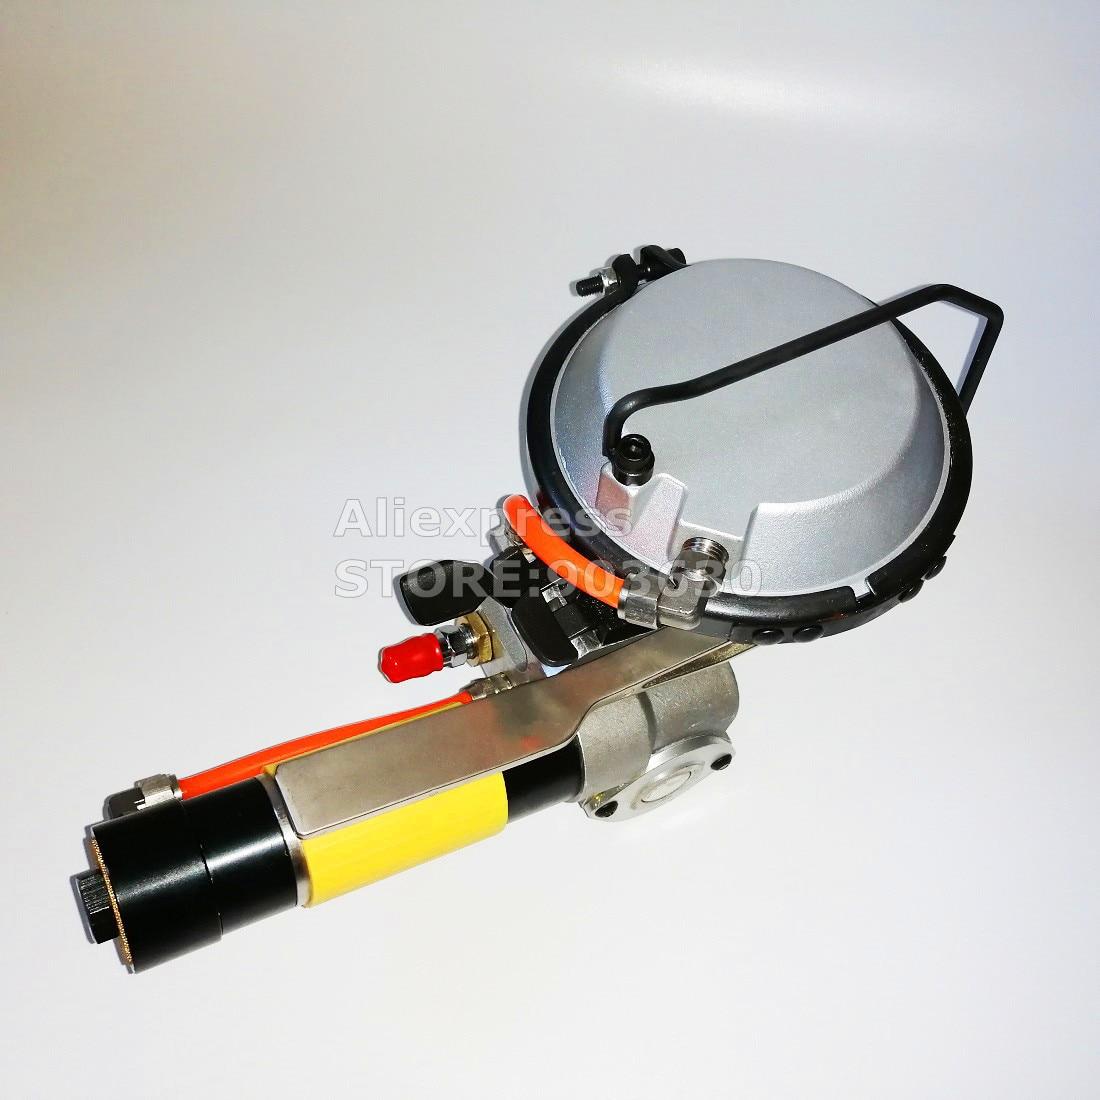 Garanteeritud 100% uus KZ-19 pneumaatiline kombineeritud terasest - Elektrilised tööriistad - Foto 4